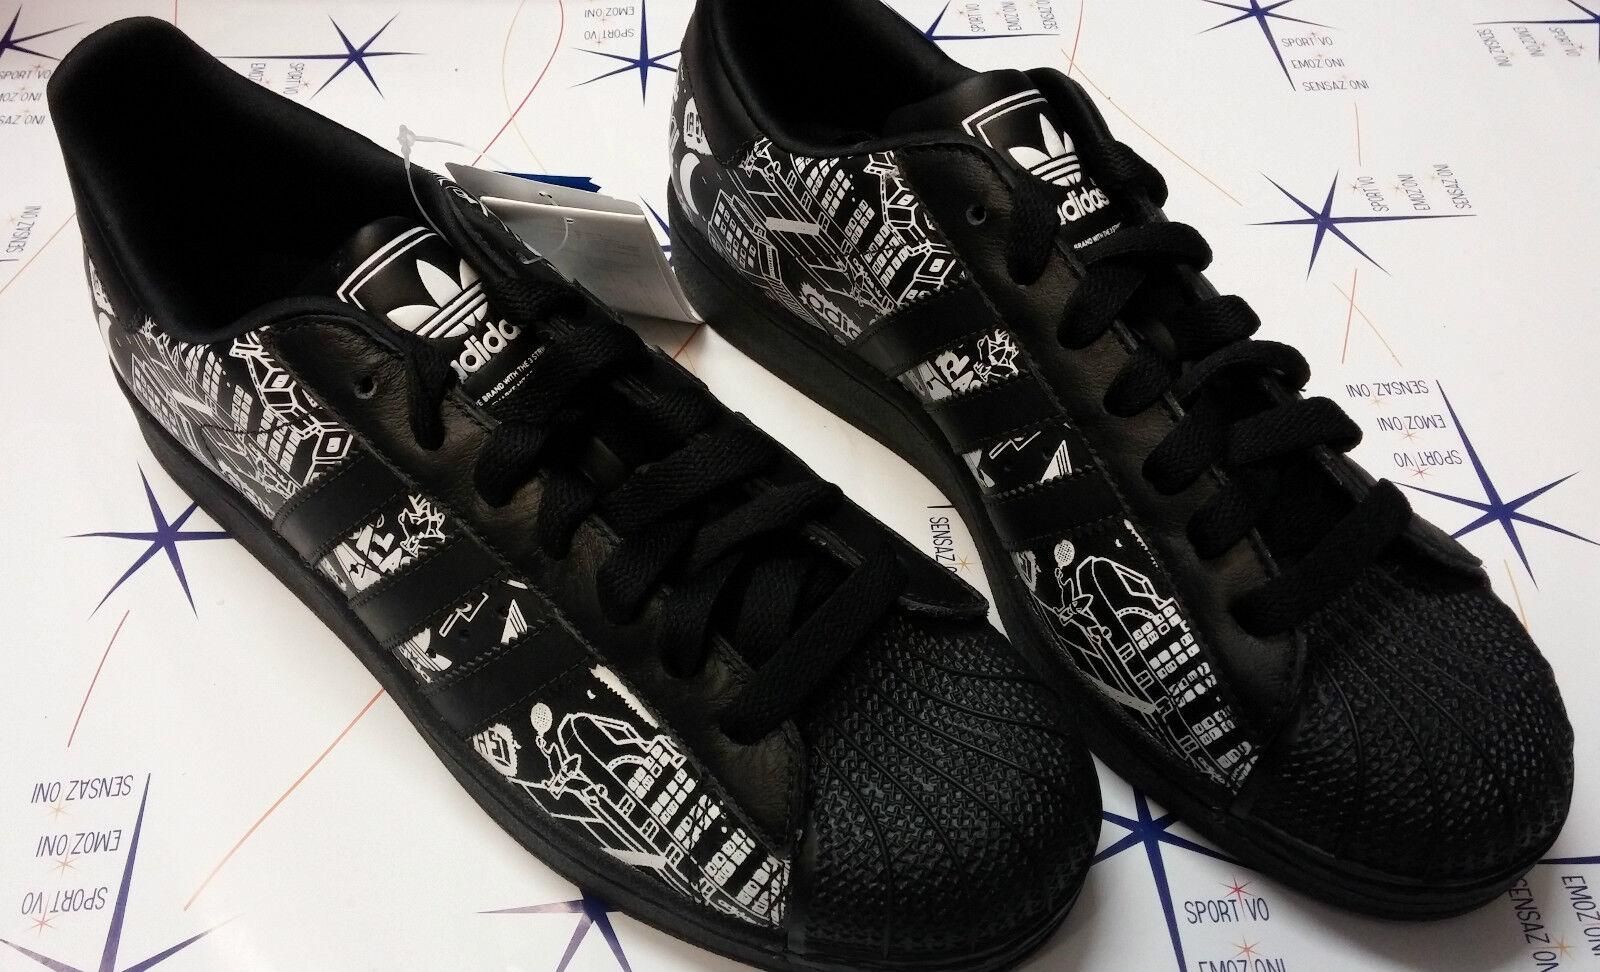 Scarpe casual da uomo  Scarpe adidas Superstar 2 supercolor bianco - nero sneakers